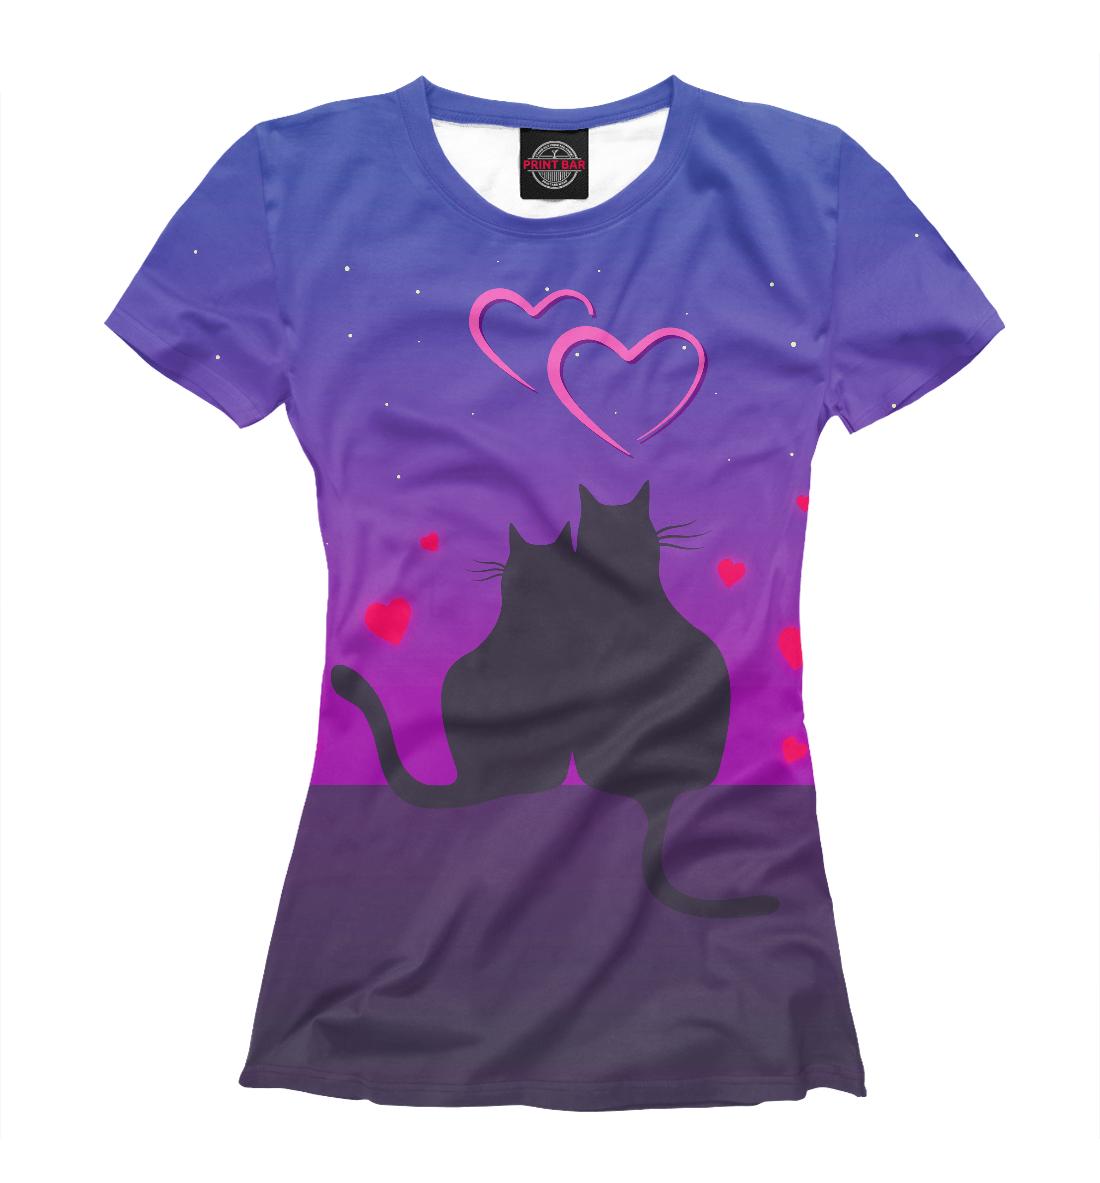 Купить Cat's desire. Парные футболки., Printbar, Футболки, 14F-763648-fut-1